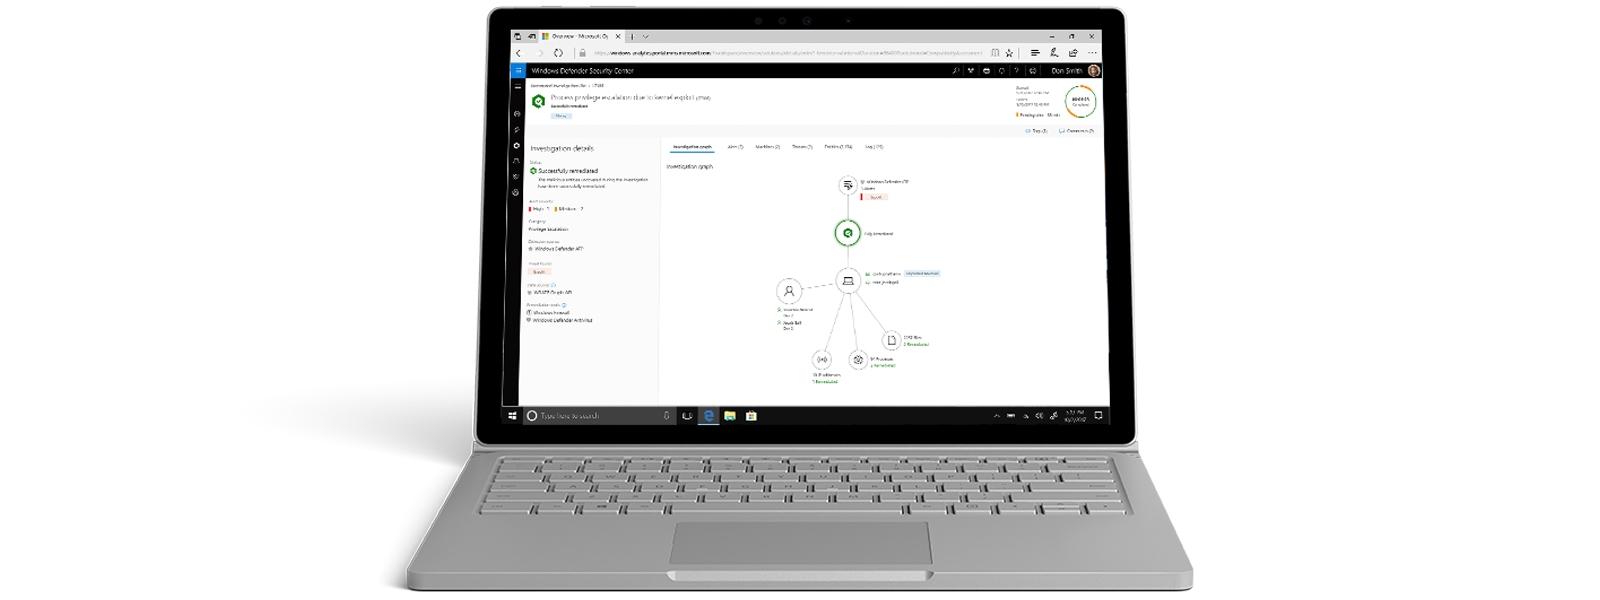 Portatile Surface con Windows Defender Center sullo schermo